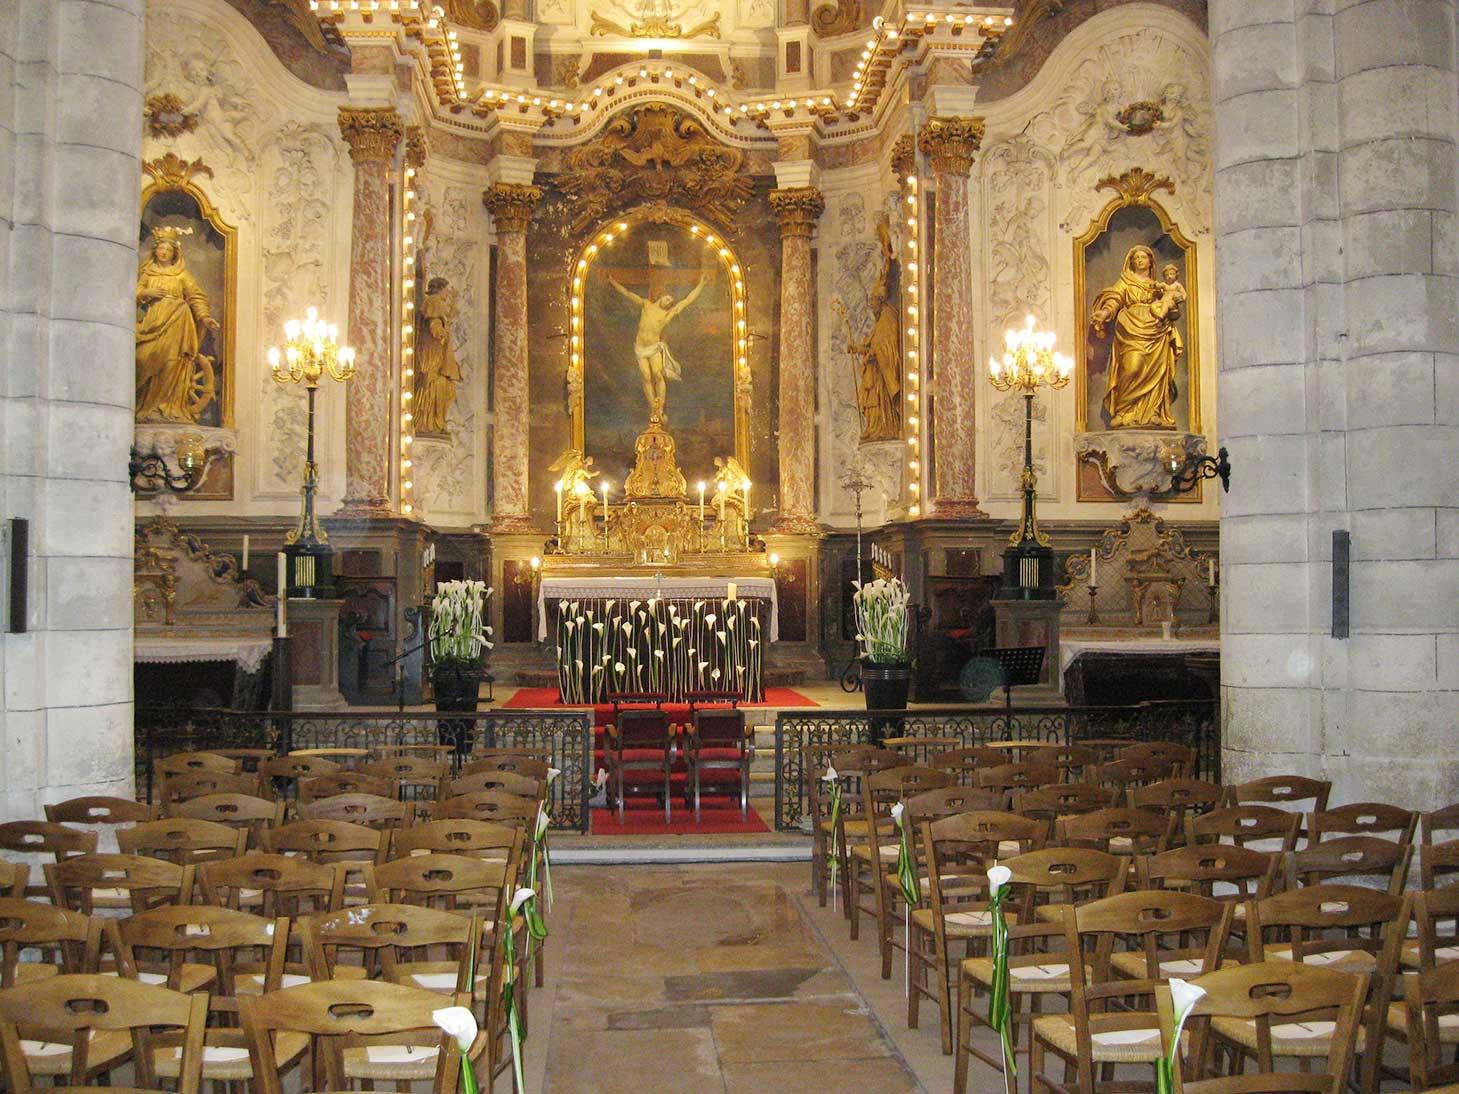 decoration eglise mariage Résultat Supérieur 95 Frais Décoration église Mariage Image 2018 Sjd8